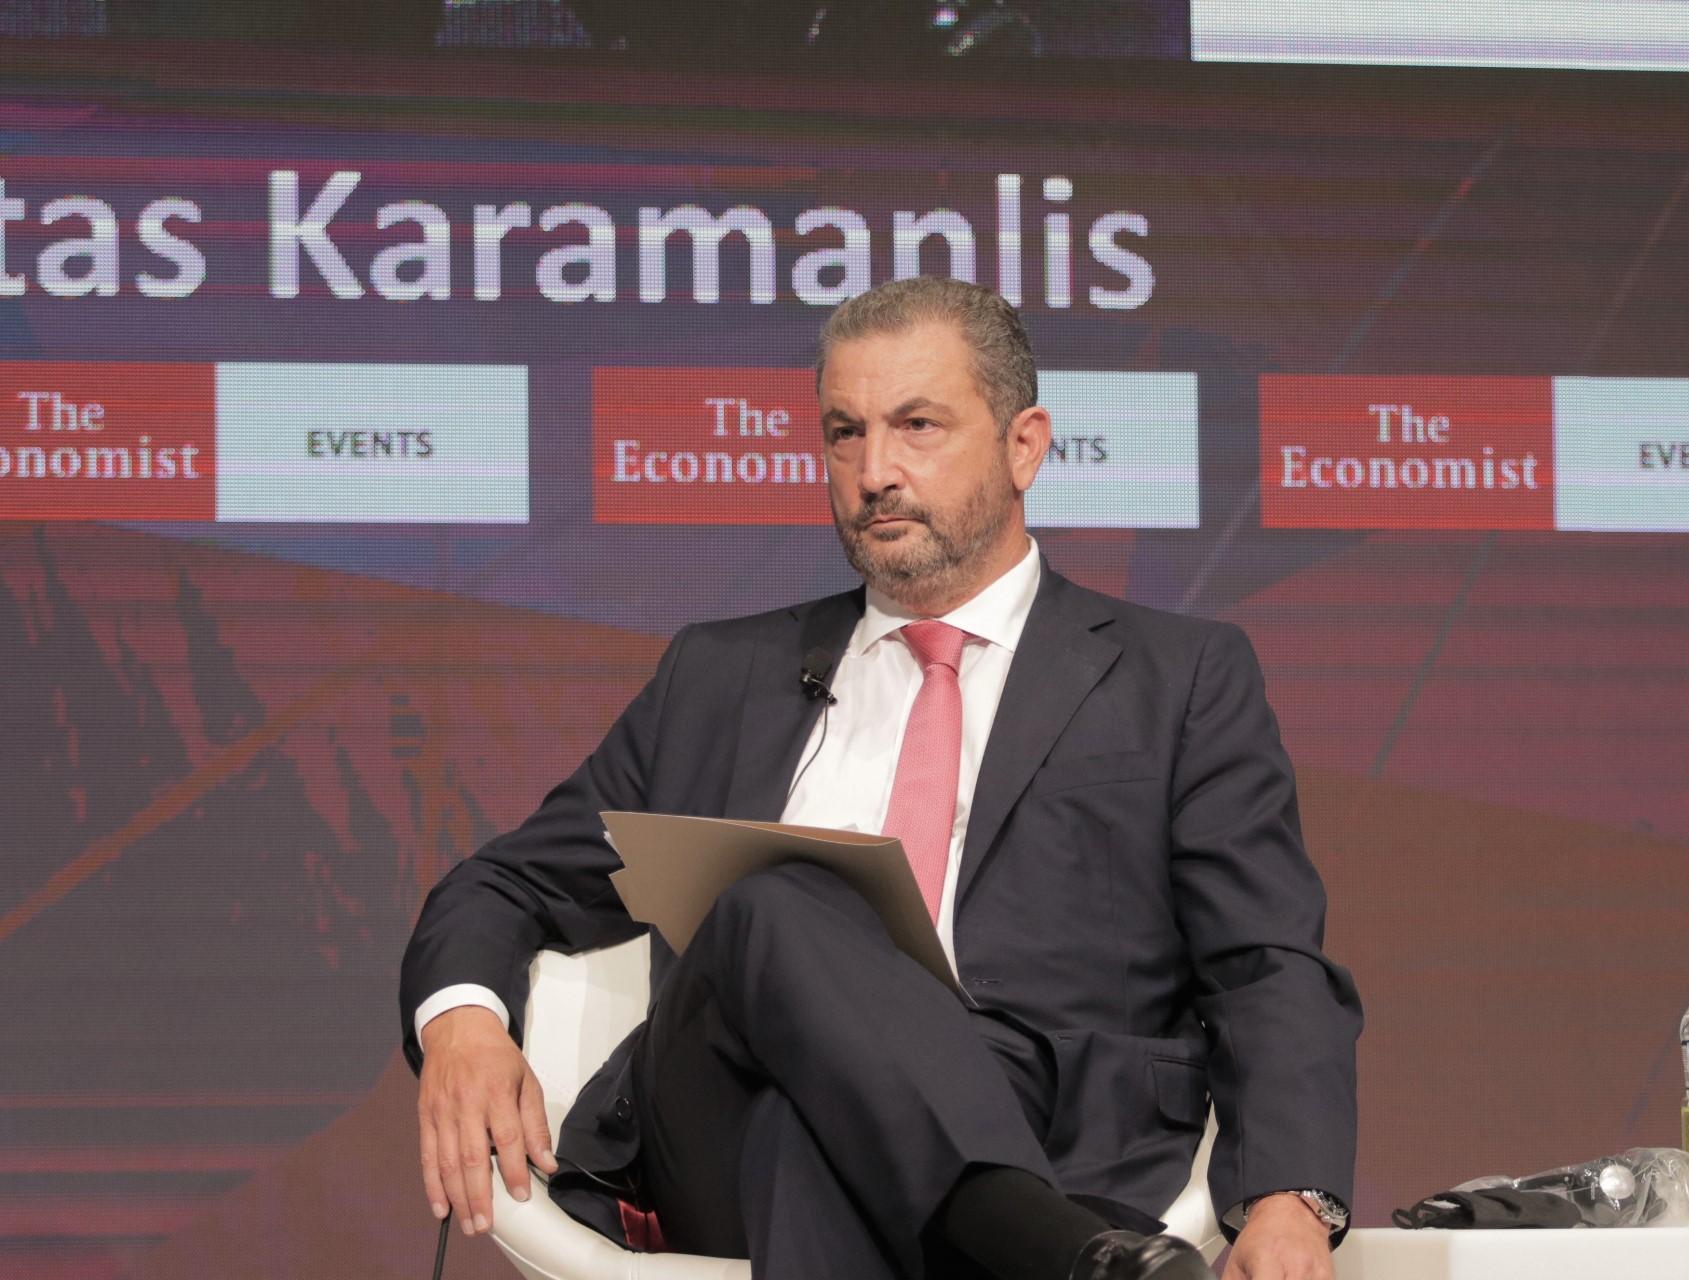 Ομιλία κ. Αλέξανδρου Εξάρχου, Διευθύνοντος Συμβούλου ΑΚΤΩΡ, 24ο Συνέδριο του Economist